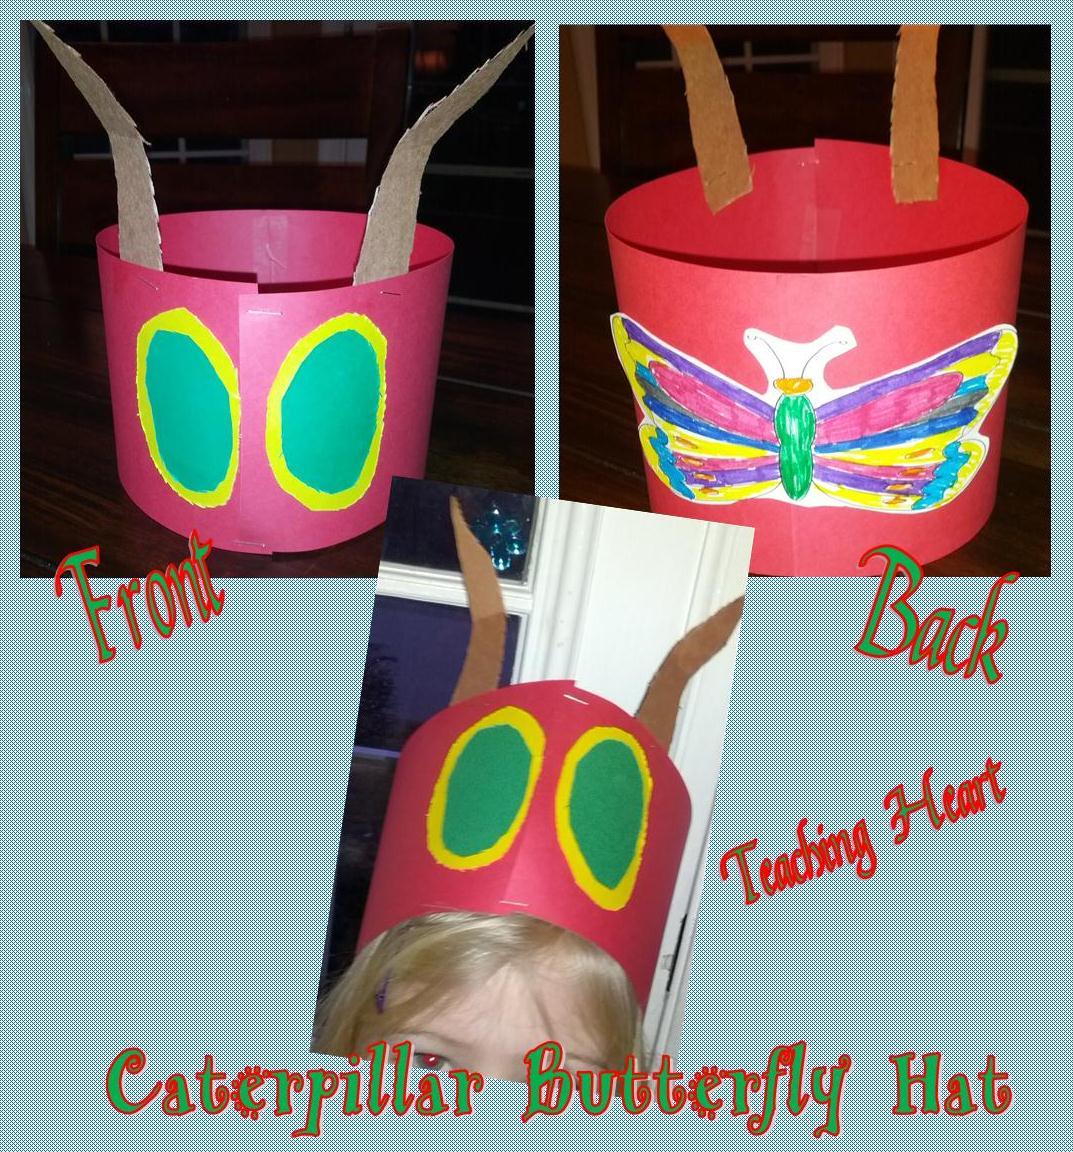 Caterpillar Butterfly Hat Teaching Heart Blog